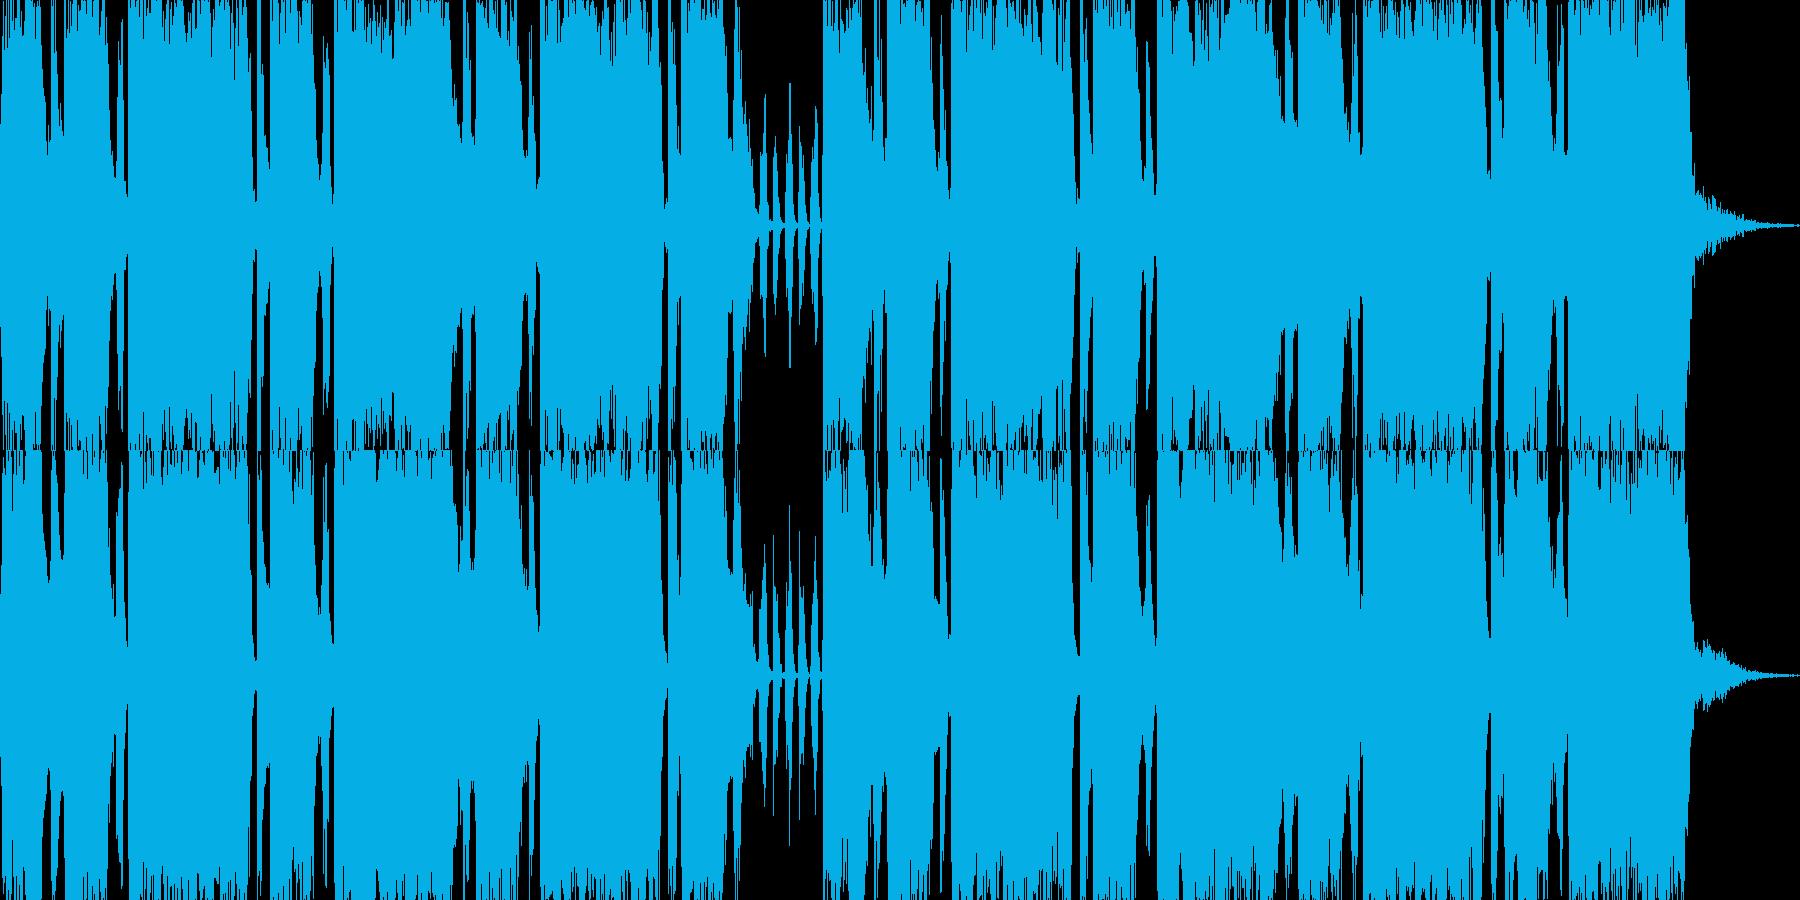 ロックエレキが気持ち良い30秒ジングルの再生済みの波形